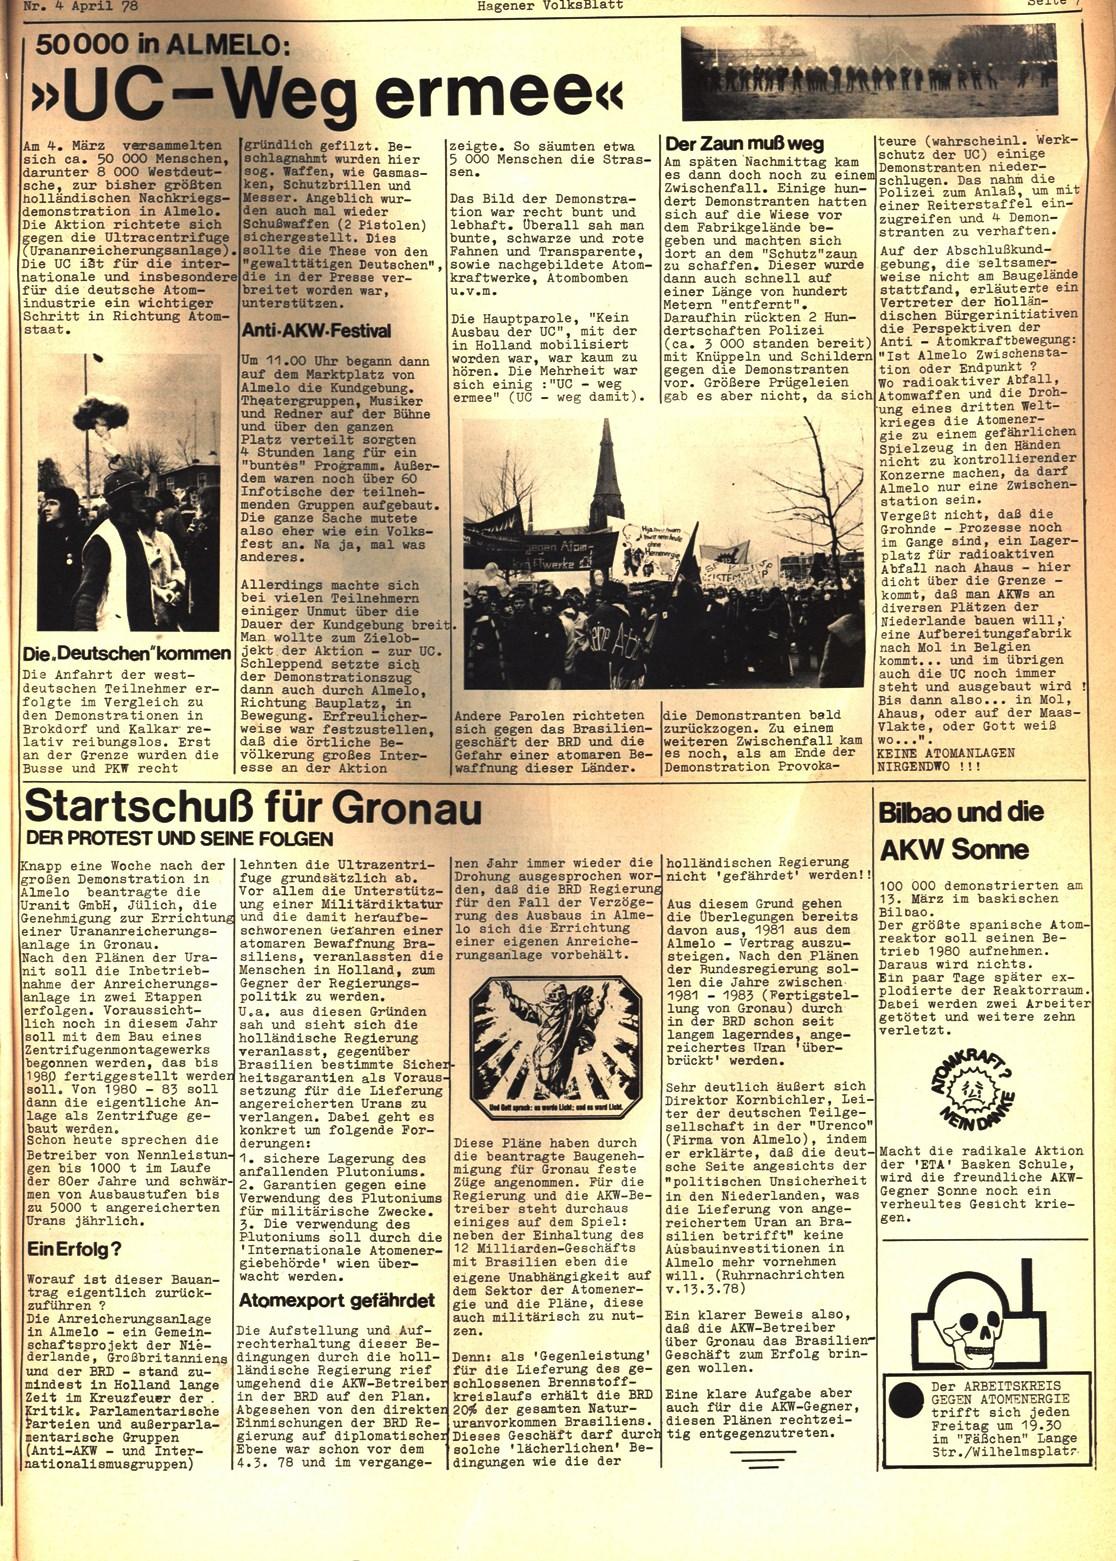 Hagen_Volksblatt_19780400_07